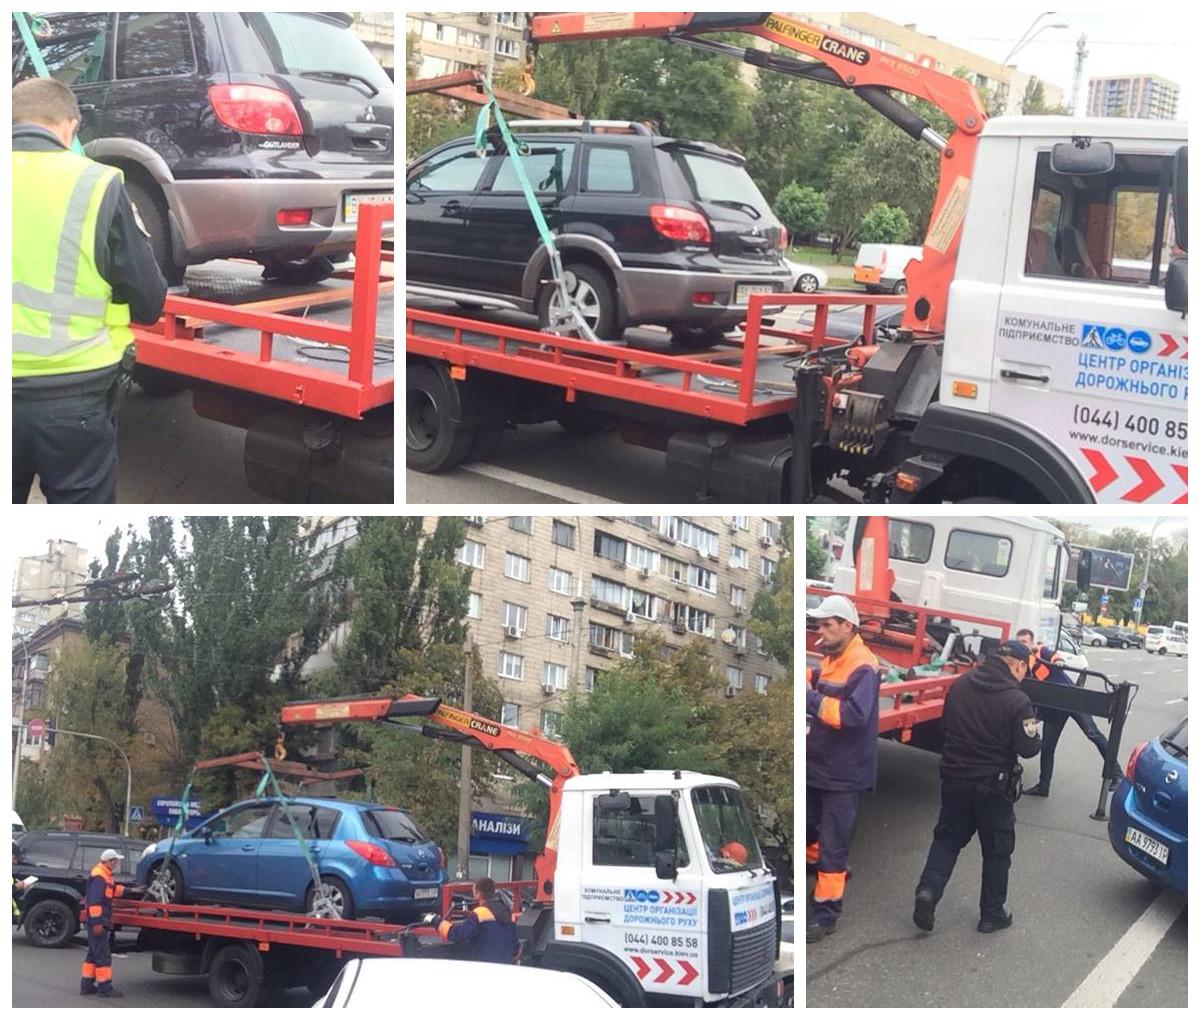 В Киеве эвакуируют нарушителей правил парковки